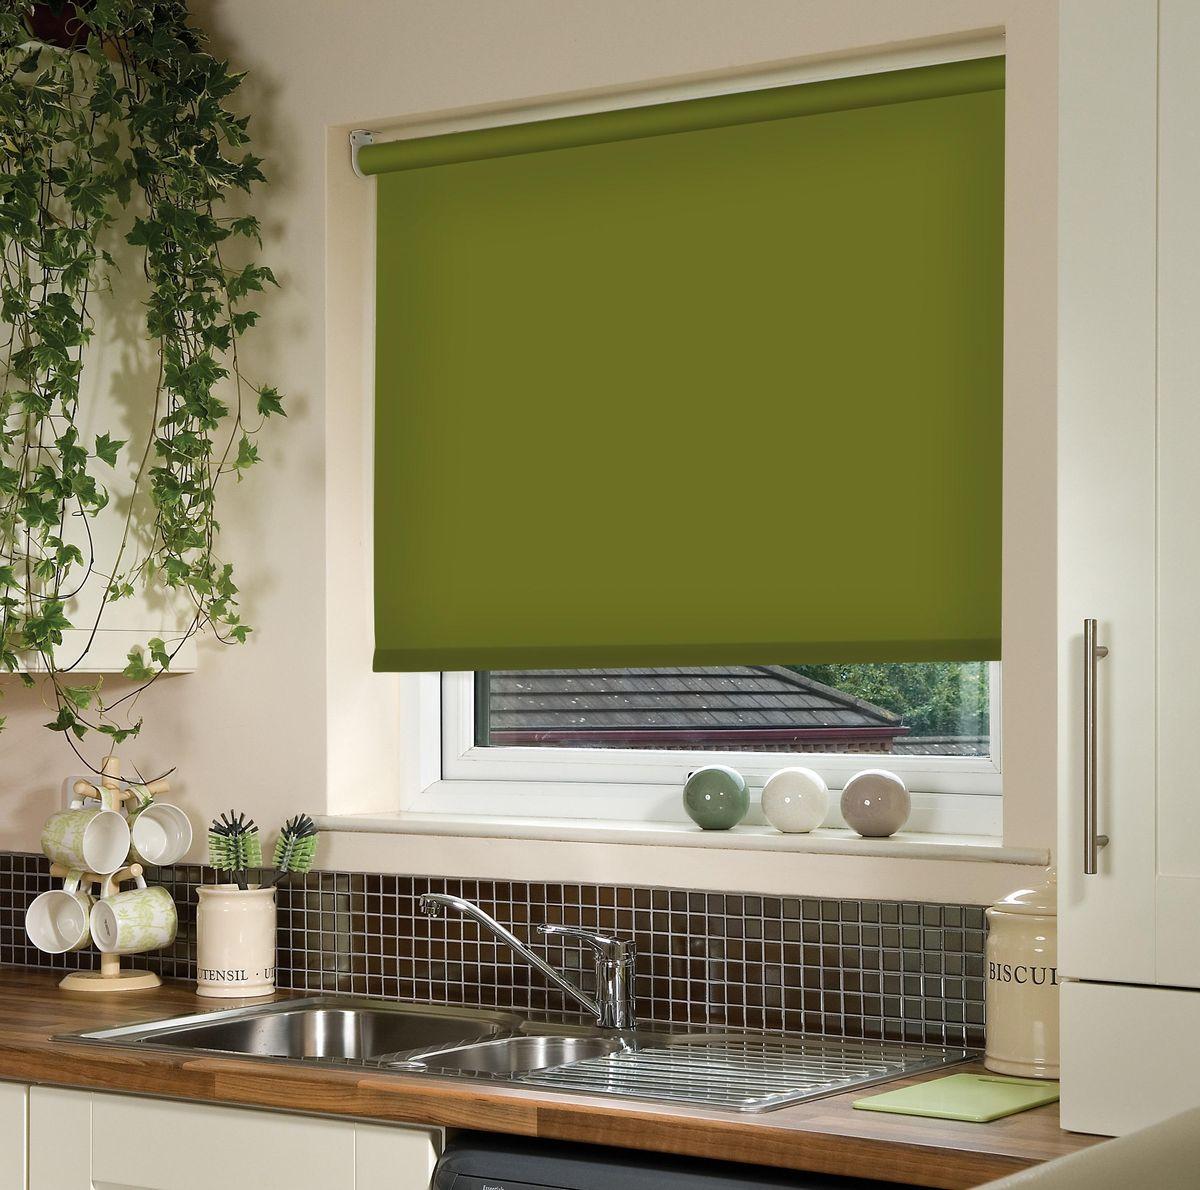 Штора рулонная Эскар, цвет: темно-оливковый, ширина 160 см, высота 170 см81018160170Рулонными шторами можно оформлять окна как самостоятельно, так и использовать в комбинации с портьерами. Это поможет предотвратить выгорание дорогой ткани на солнце и соединит функционал рулонных с красотой навесных. Преимущества применения рулонных штор для пластиковых окон: - имеют прекрасный внешний вид: многообразие и фактурность материала изделия отлично смотрятся в любом интерьере; - многофункциональны: есть возможность подобрать шторы способные эффективно защитить комнату от солнца, при этом она не будет слишком темной. - Есть возможность осуществить быстрый монтаж. ВНИМАНИЕ! Размеры ширины изделия указаны по ширине ткани! Во время эксплуатации не рекомендуется полностью разматывать рулон, чтобы не оторвать ткань от намоточного вала. В случае загрязнения поверхности ткани, чистку шторы проводят одним из способов, в зависимости от типа загрязнения: легкое поверхностное загрязнение можно удалить при помощи канцелярского ластика; чистка от пыли производится сухим методом при...